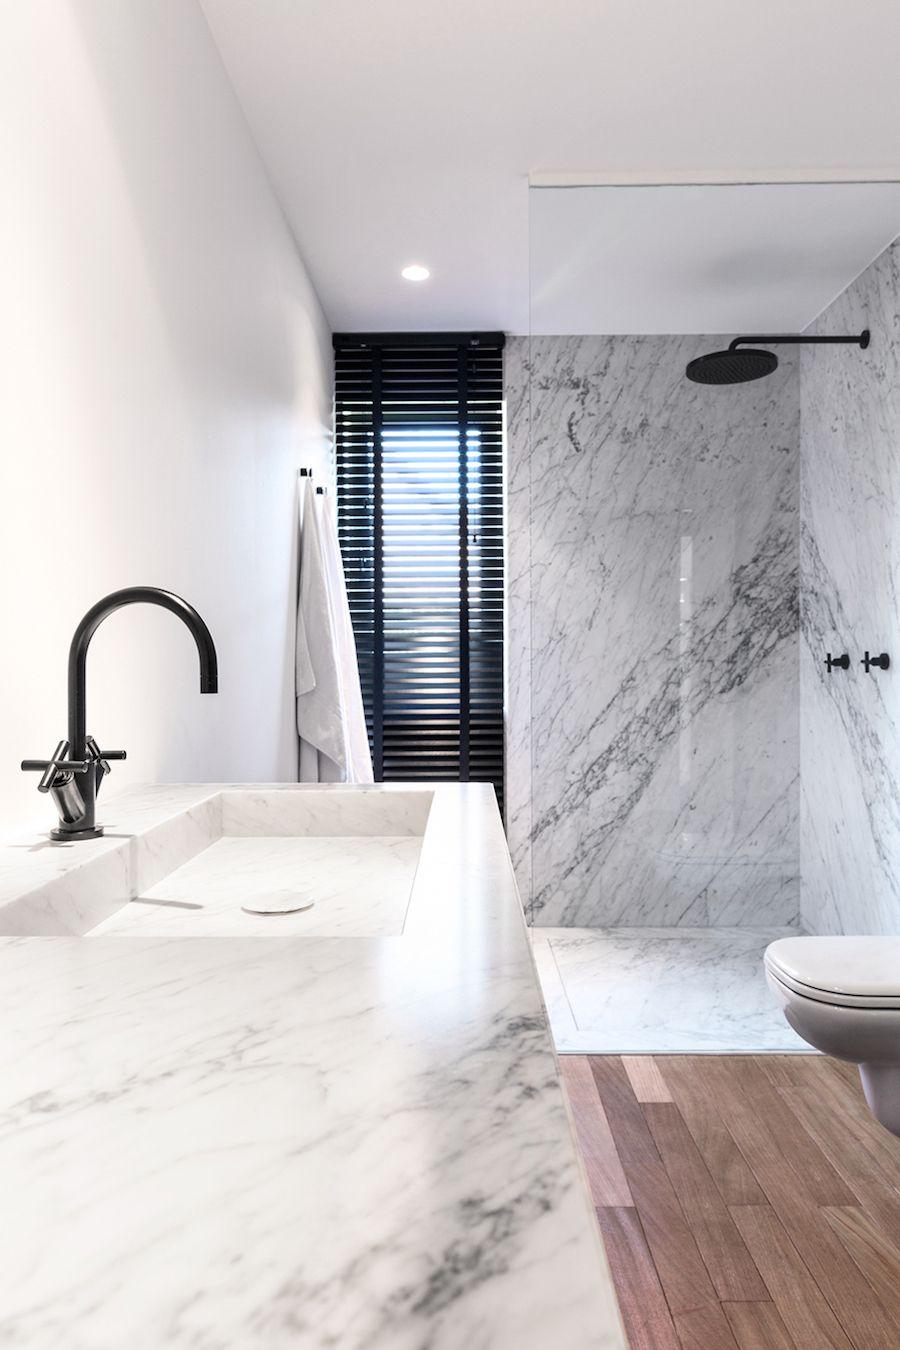 Marble Bathroom With Wood Floor Minimalist Bathroom Bathroom Interior Minimal Bathroom